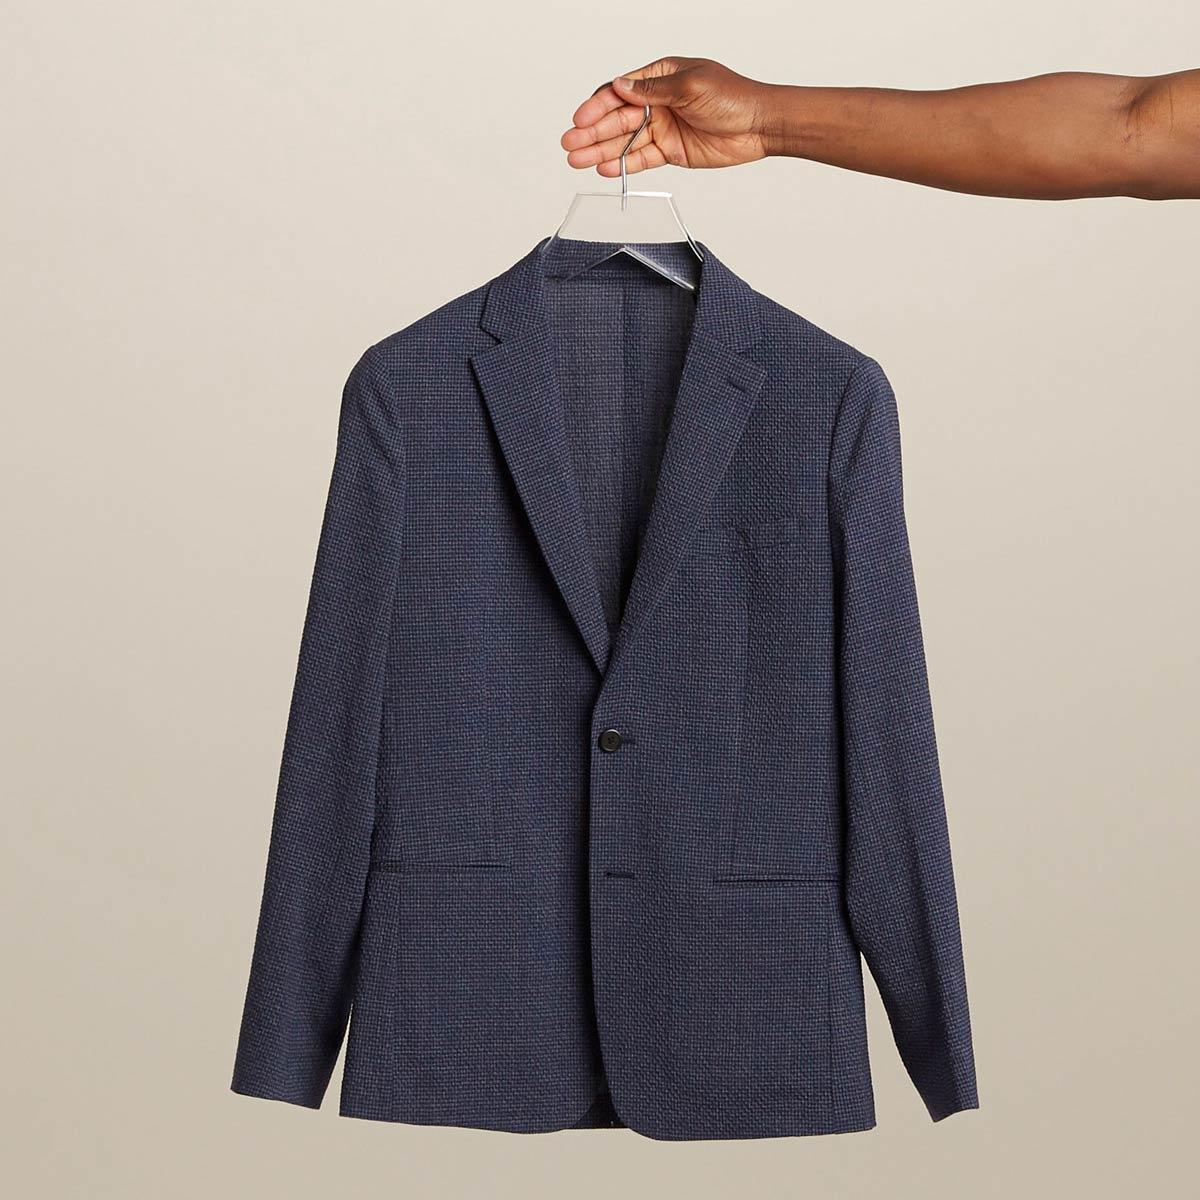 Seersucker jacket for men